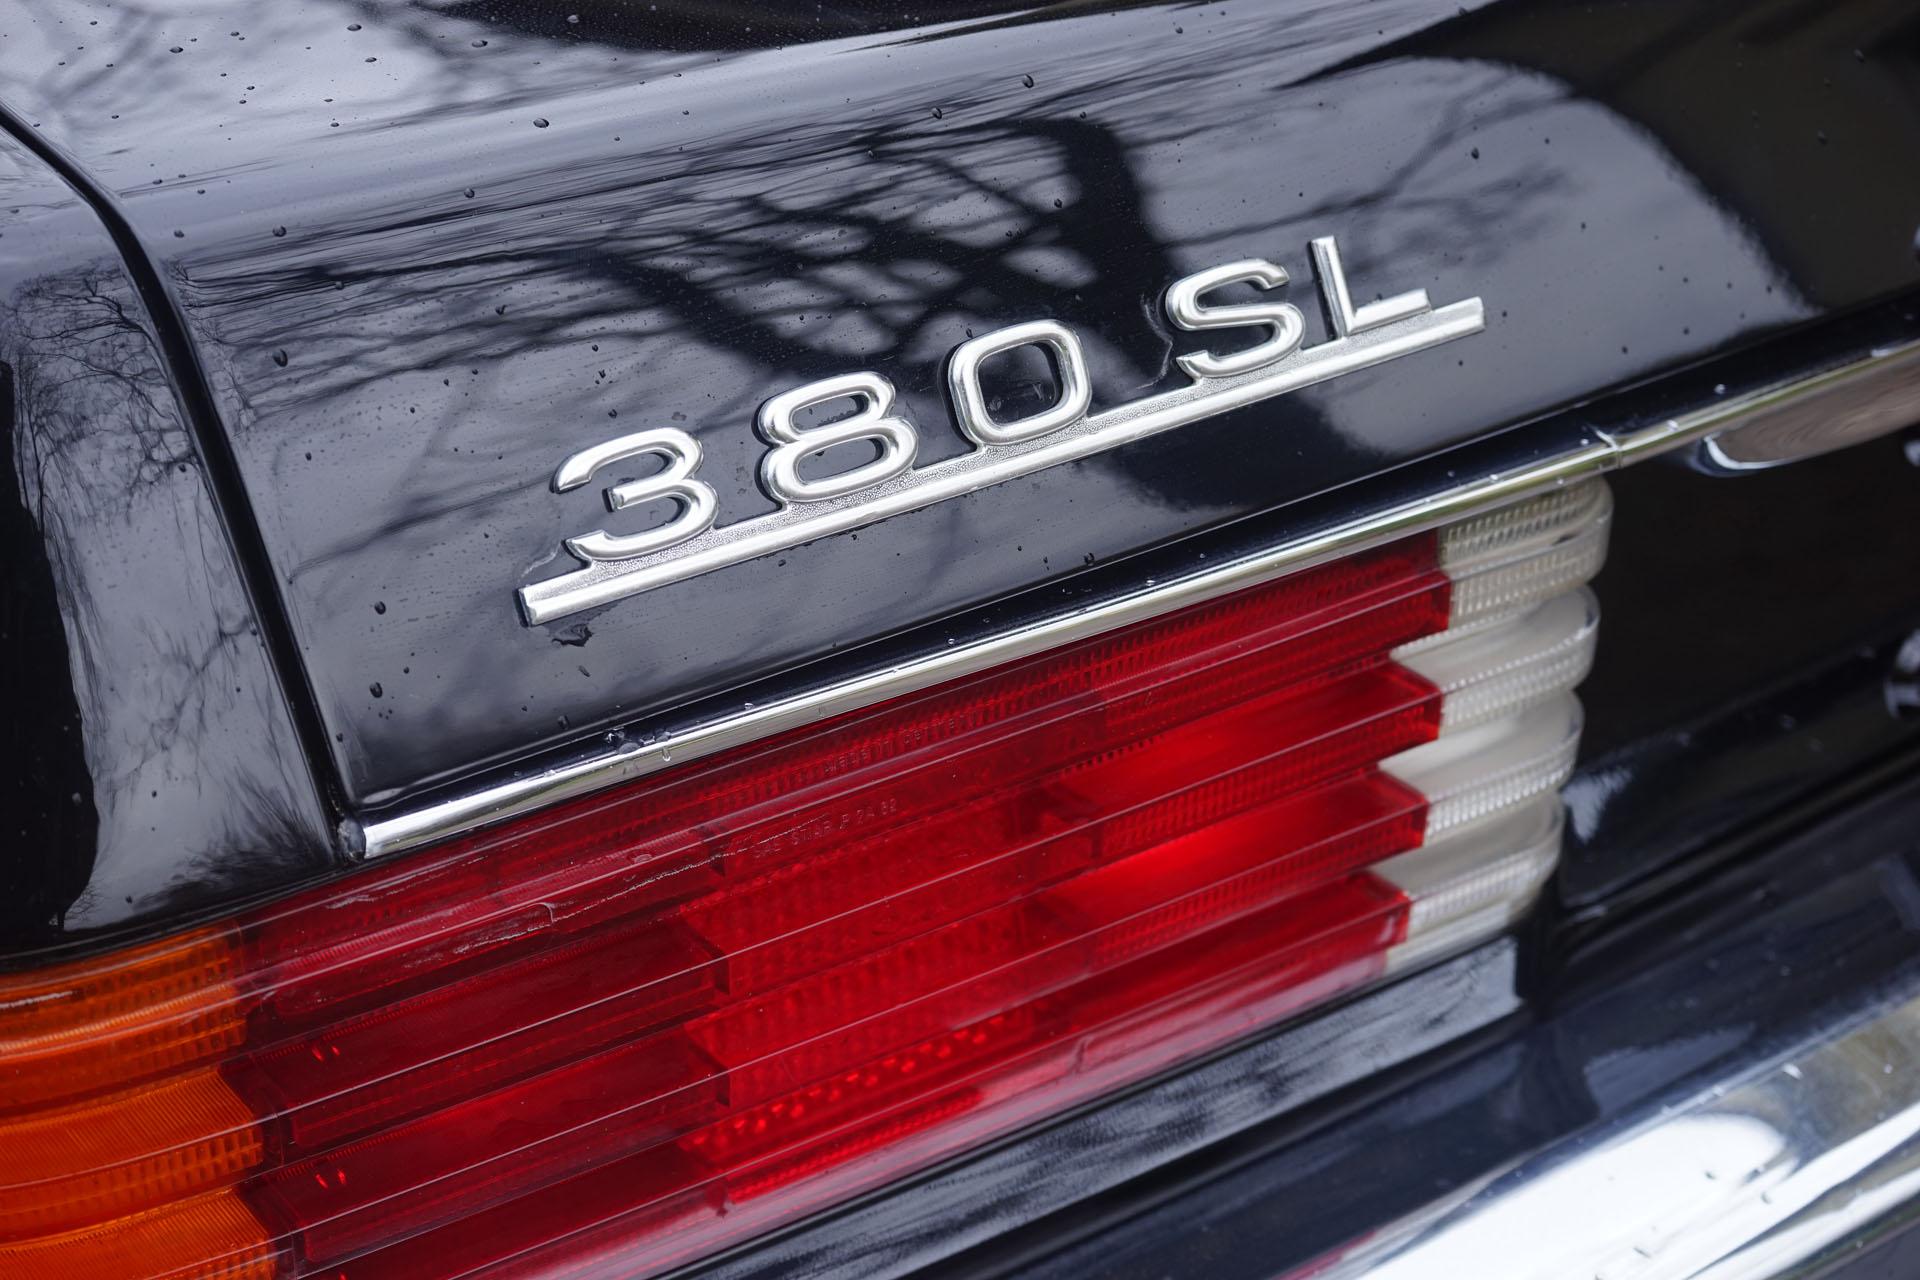 Mercedes-Benz 380 SL R107